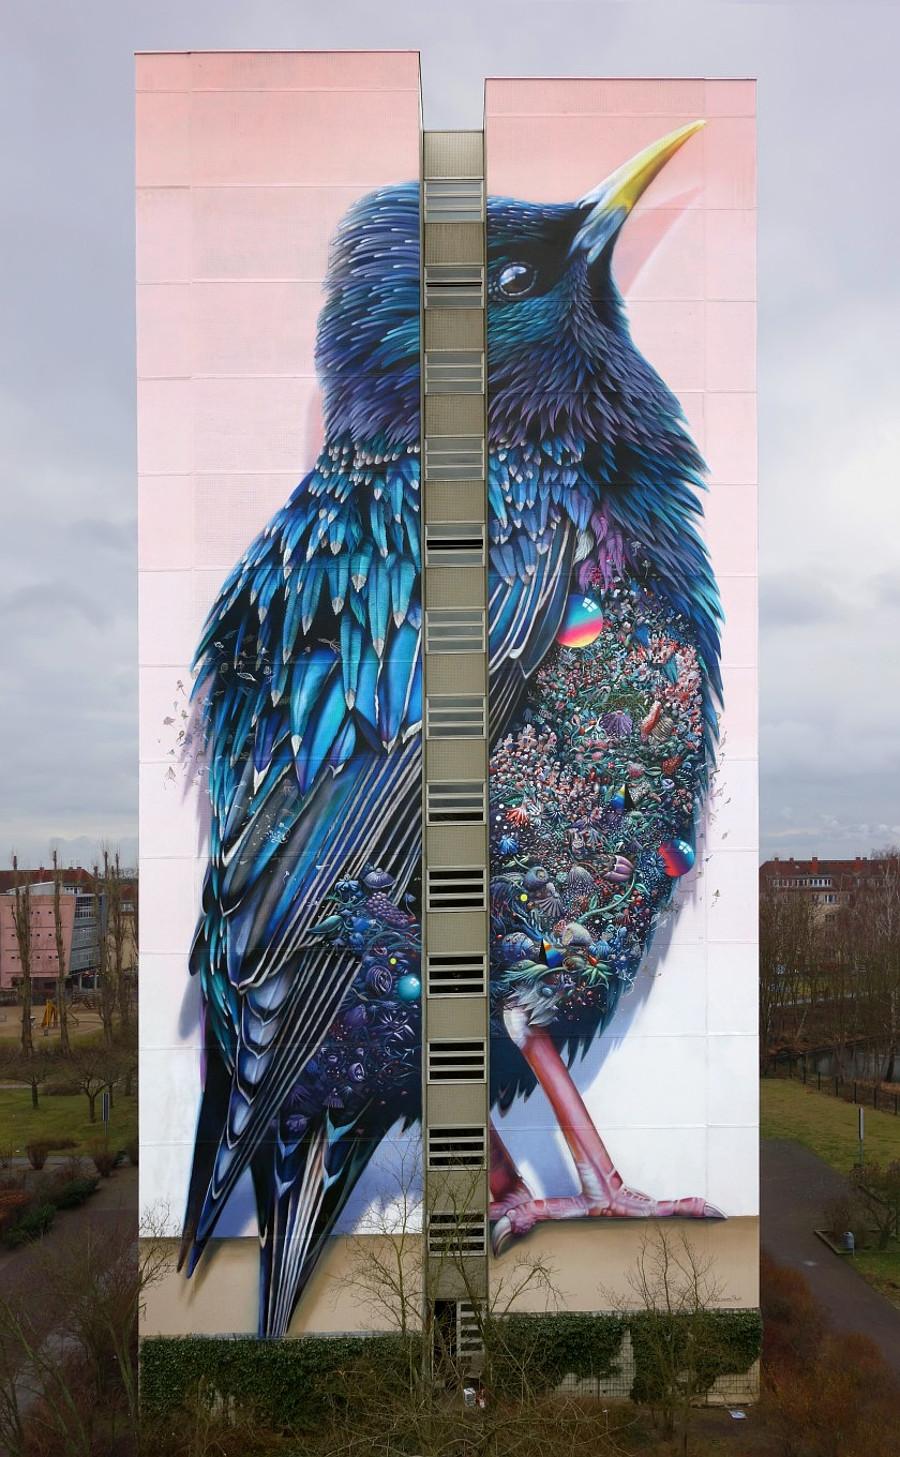 street-art-berlino-murale-gigante-uccello-super-a-collins-van-der-sluijs-6